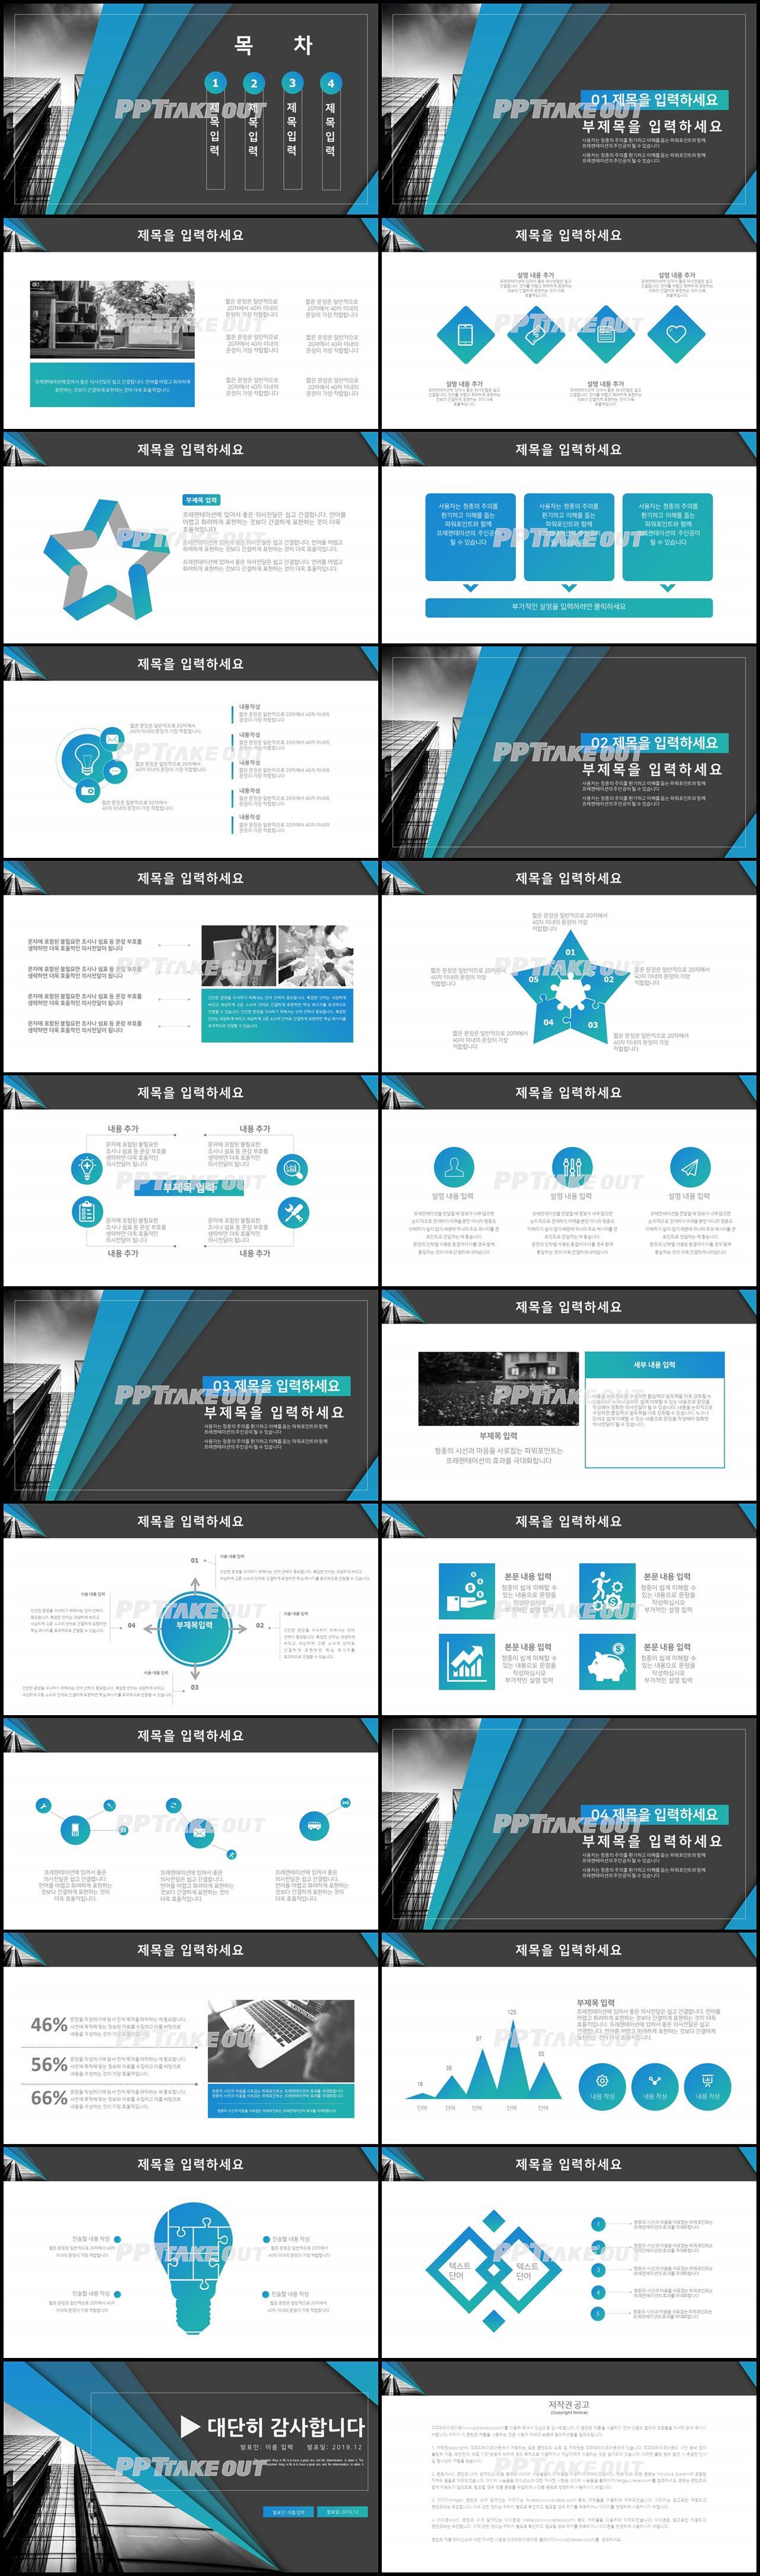 회사소개서 파랑색 현대적인 마음을 사로잡는 파워포인트양식 다운 상세보기